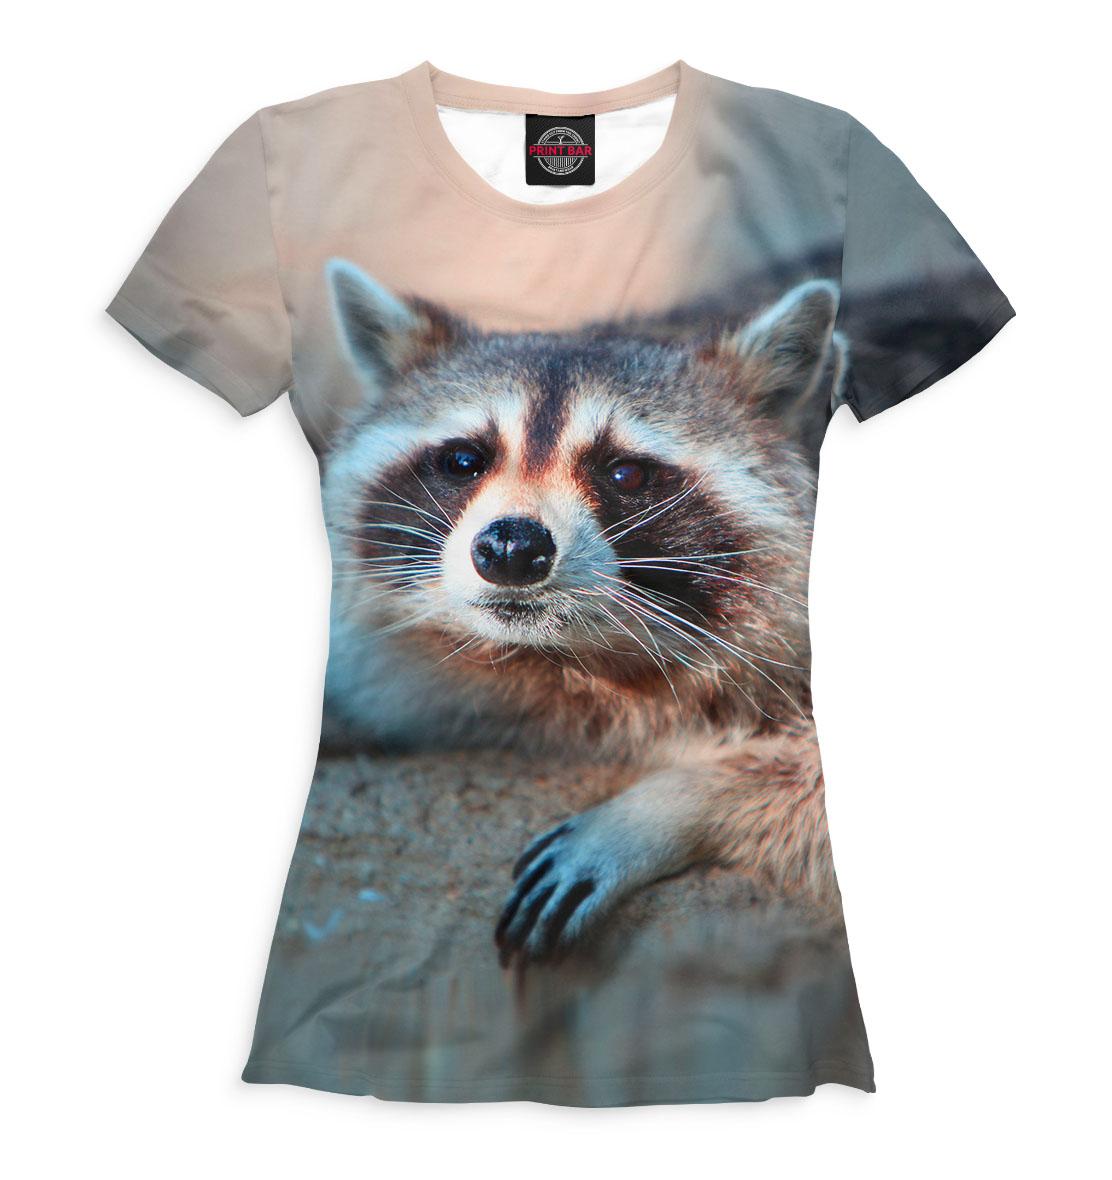 Енот картинка на футболку